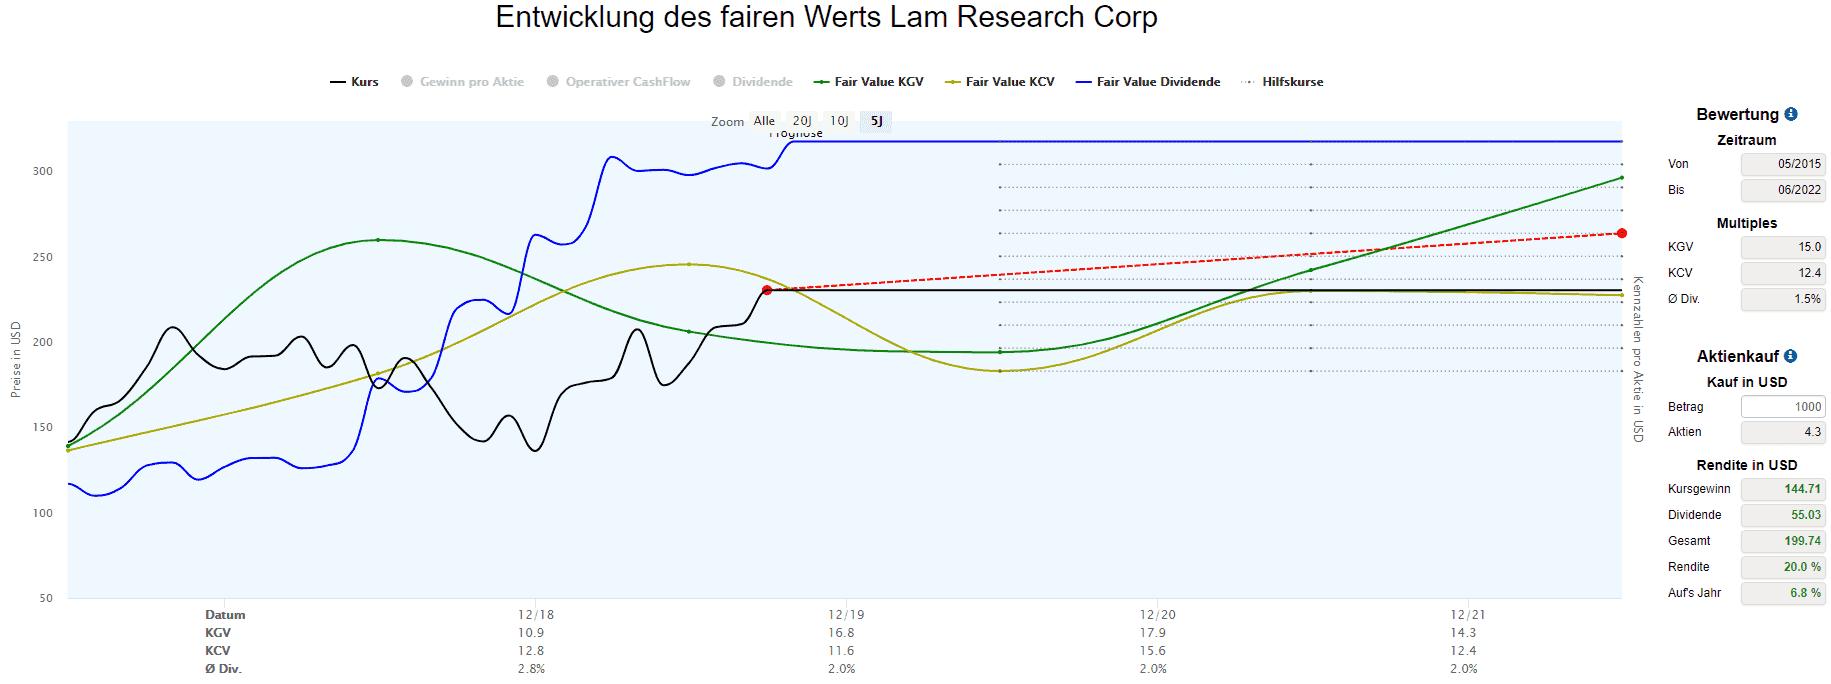 Berechnungen des fairen Werts für Lam Research